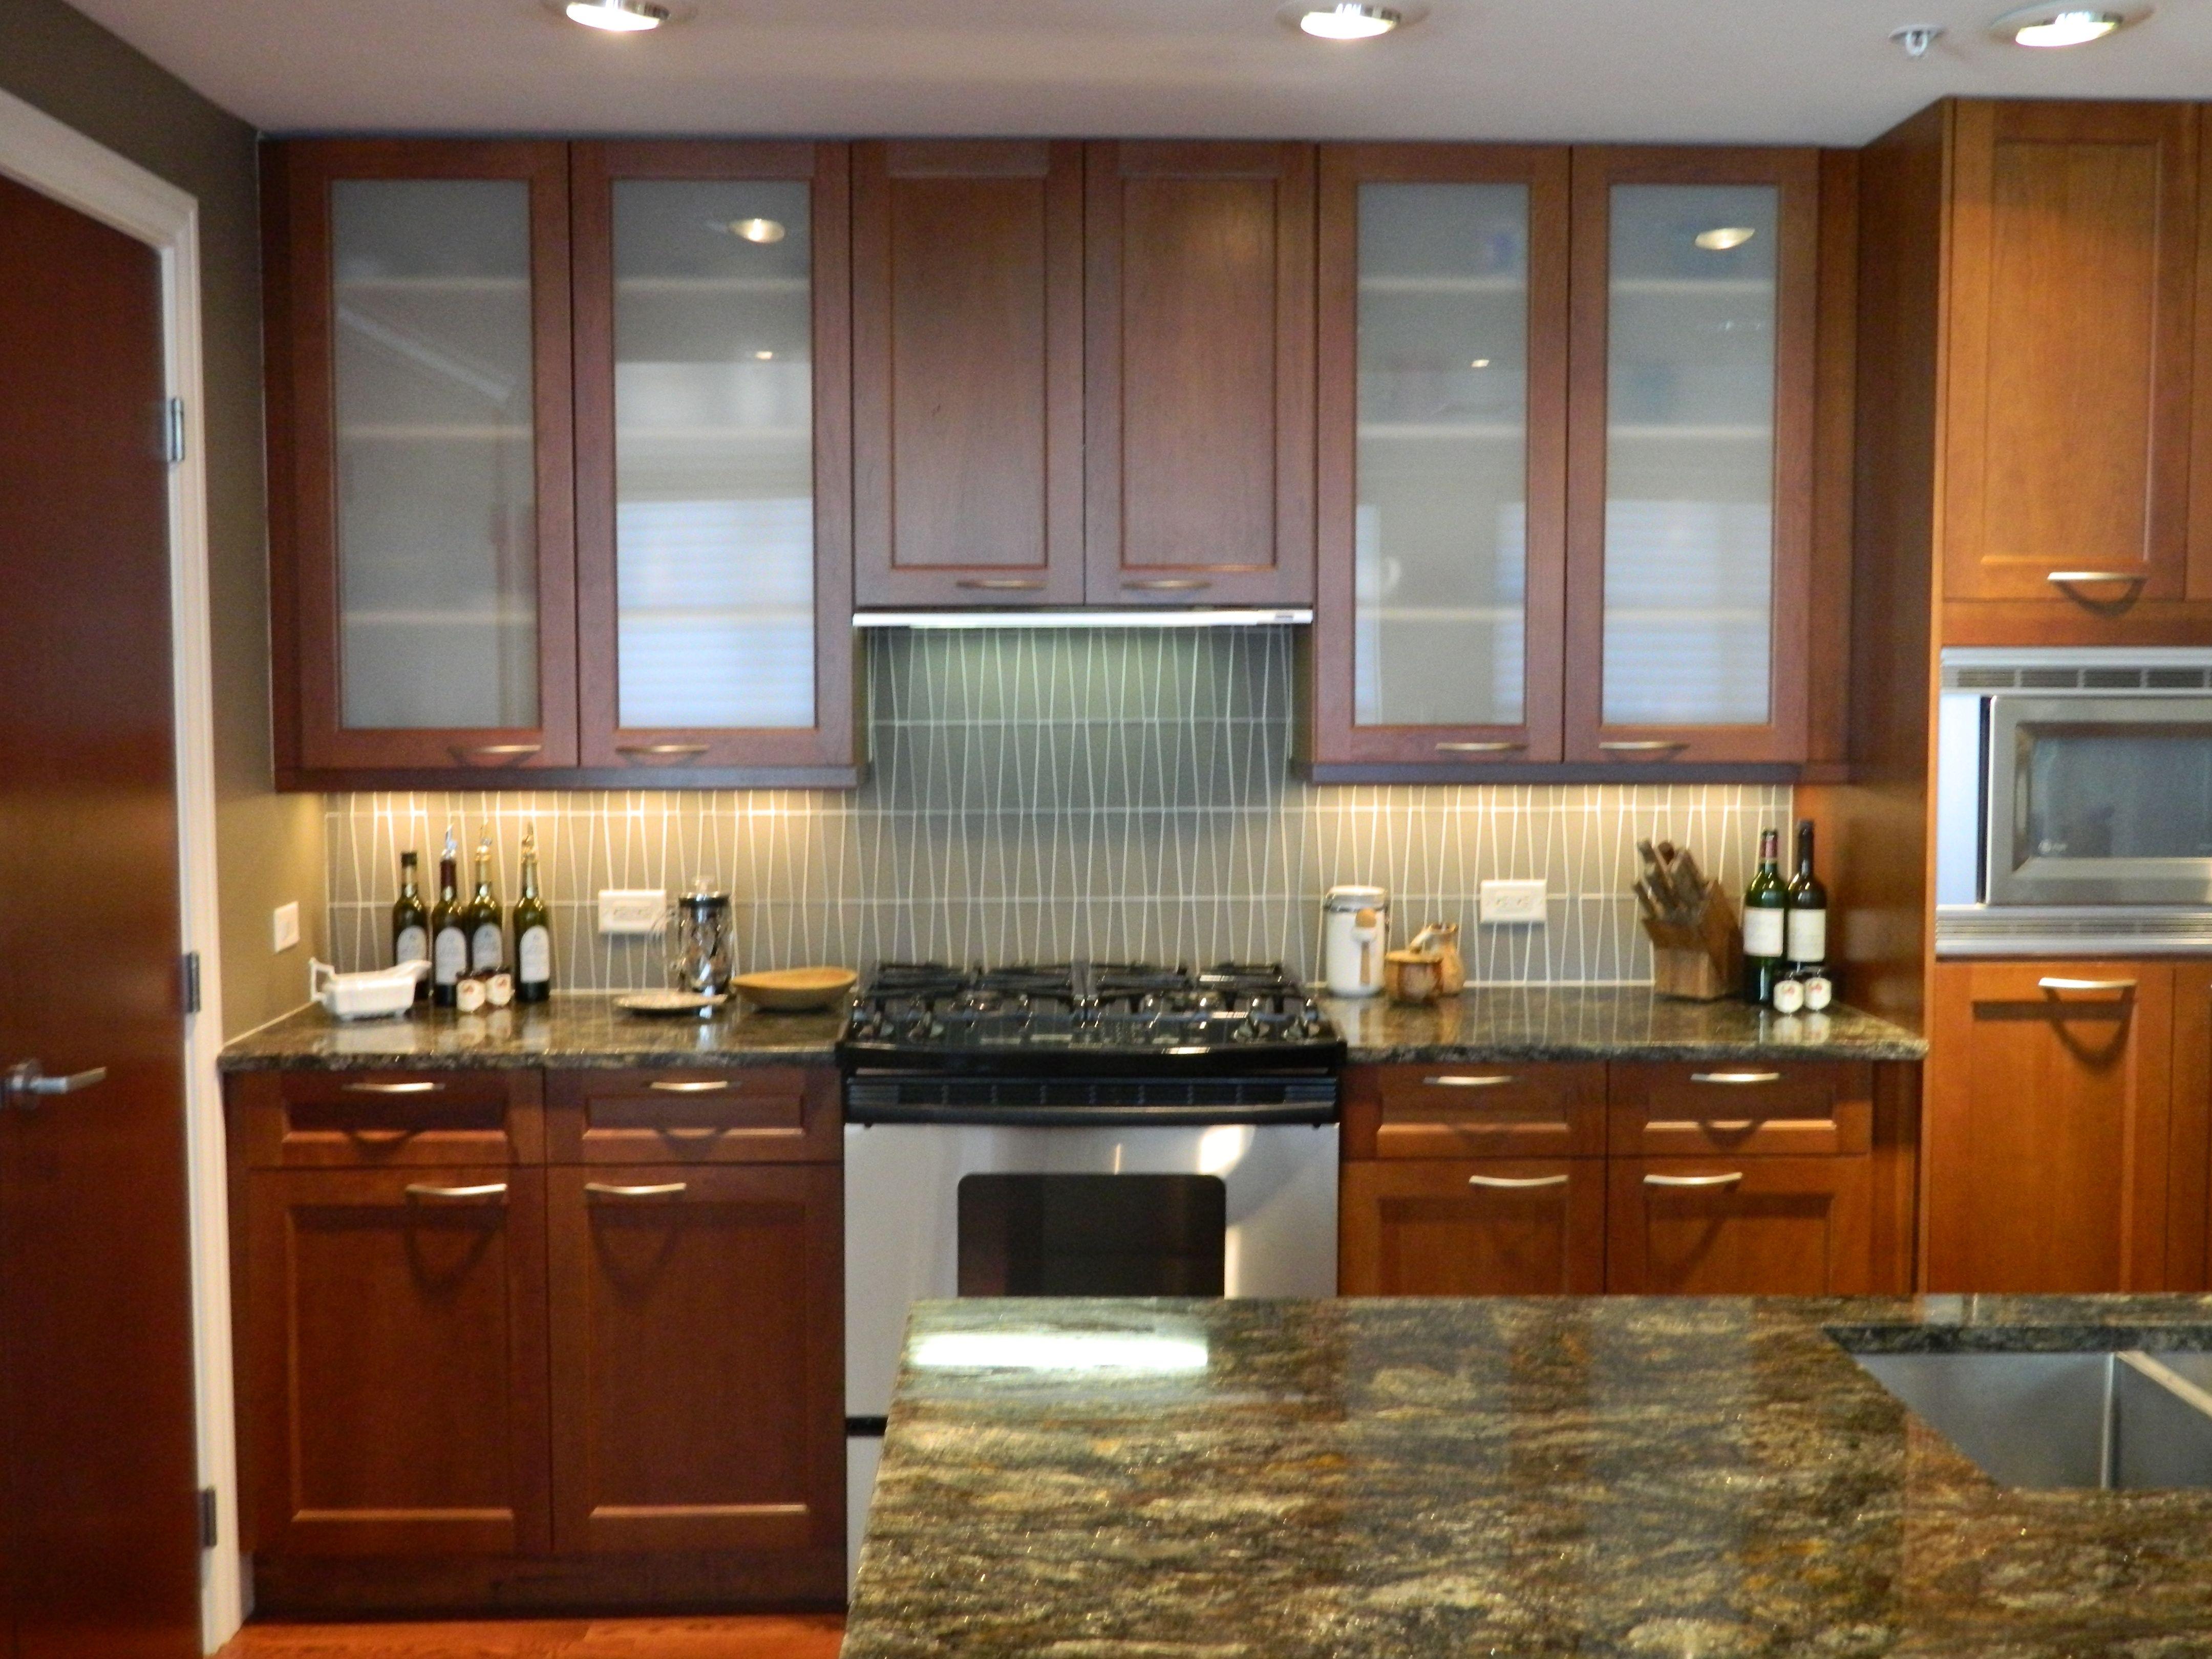 KITCHEN TRANSFORMATION Glass kitchen doors